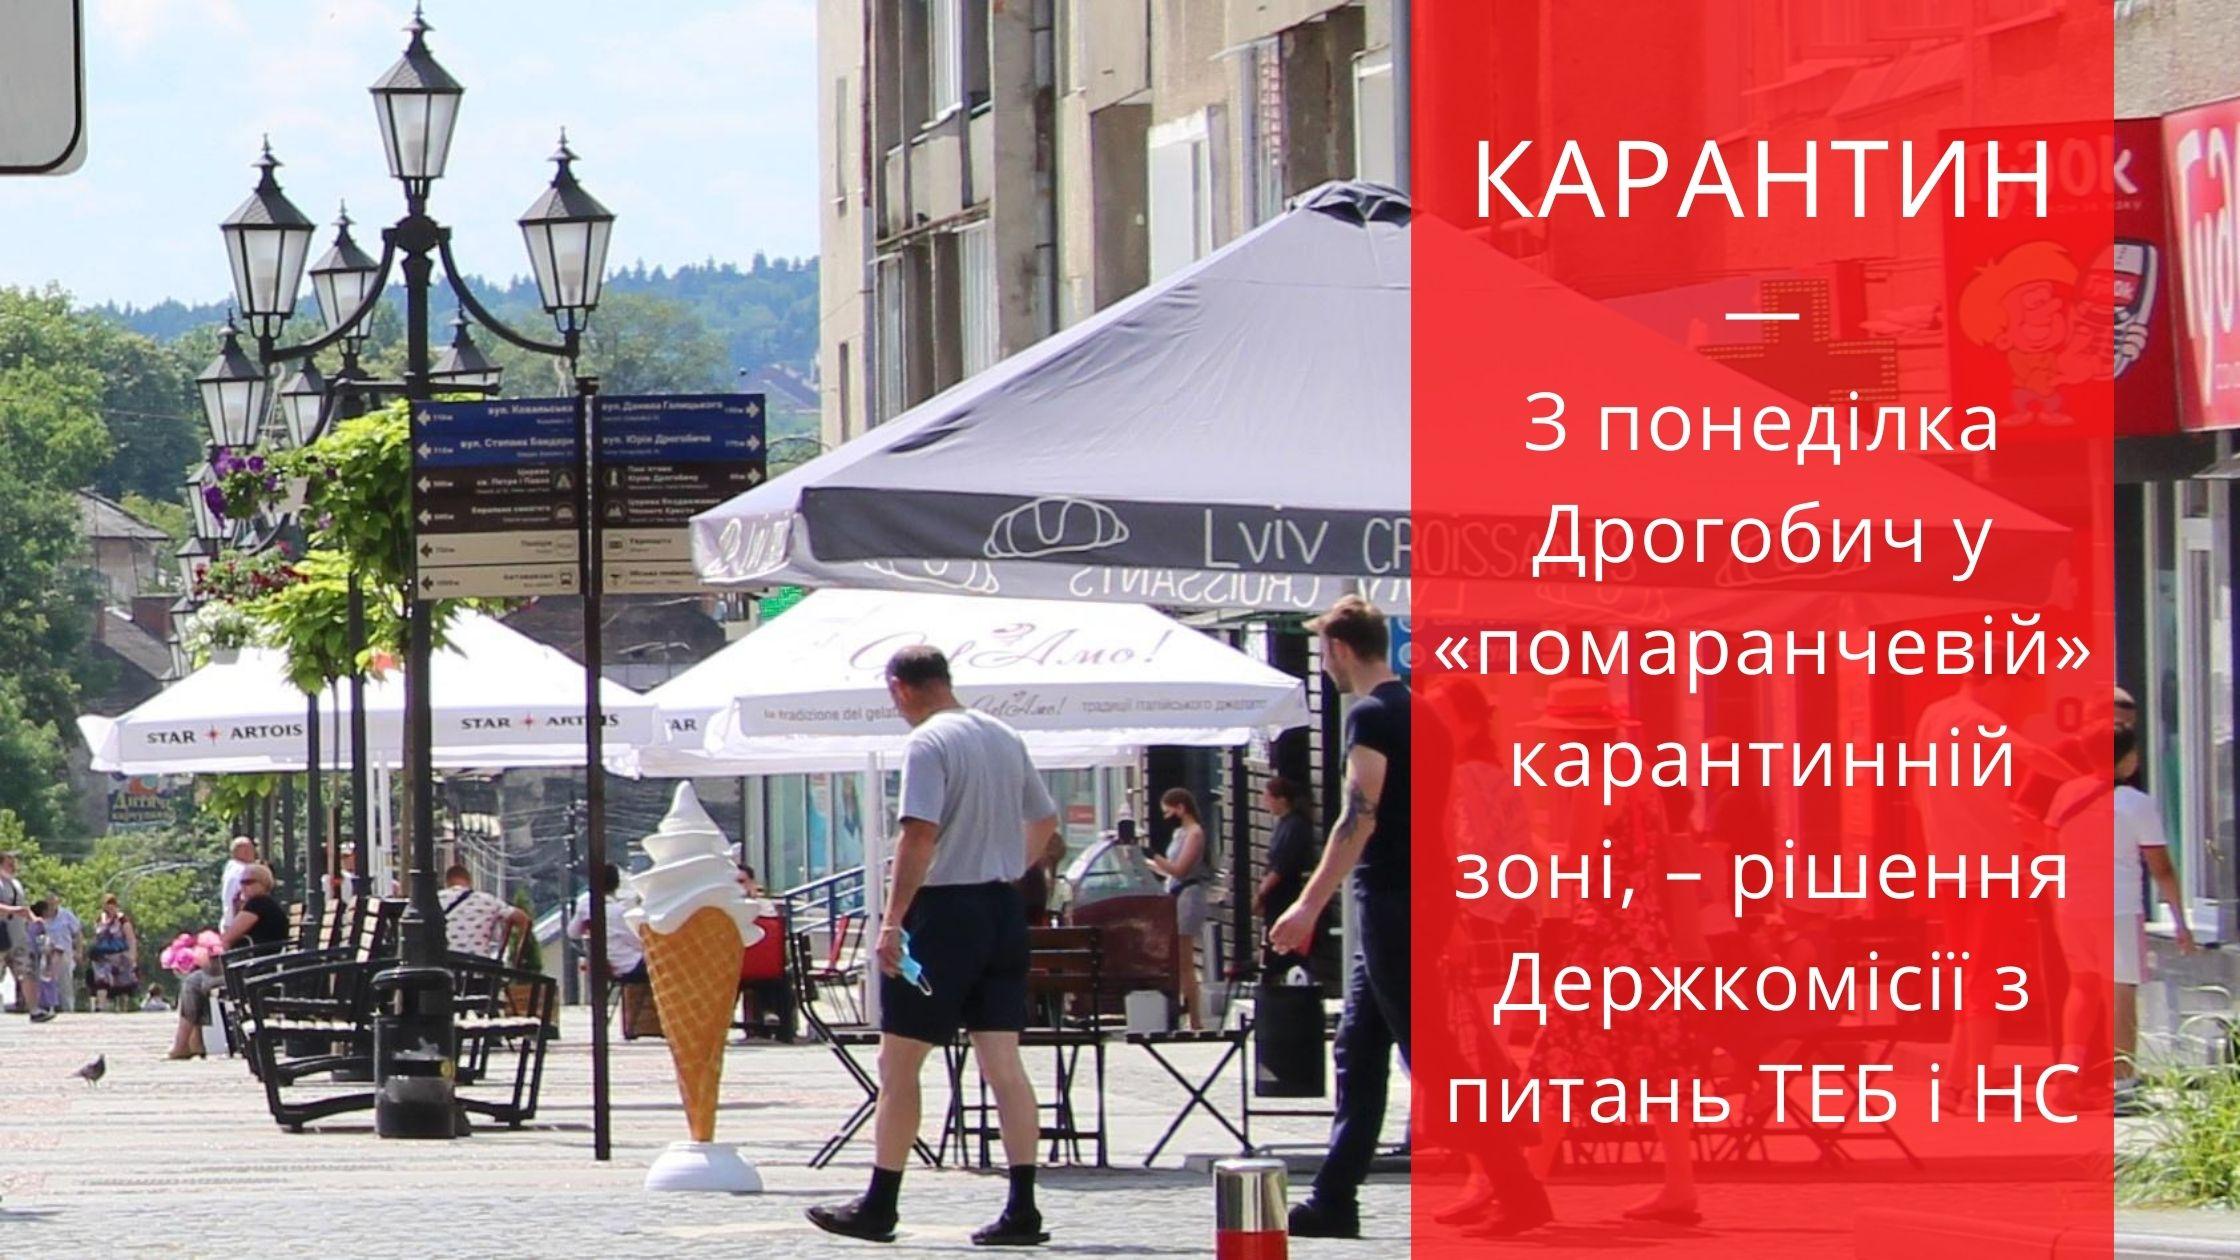 З понеділка Дрогобич у «помаранчевій» карантинній зоні, – рішення Держкомісії з питань ТЕБ і НС